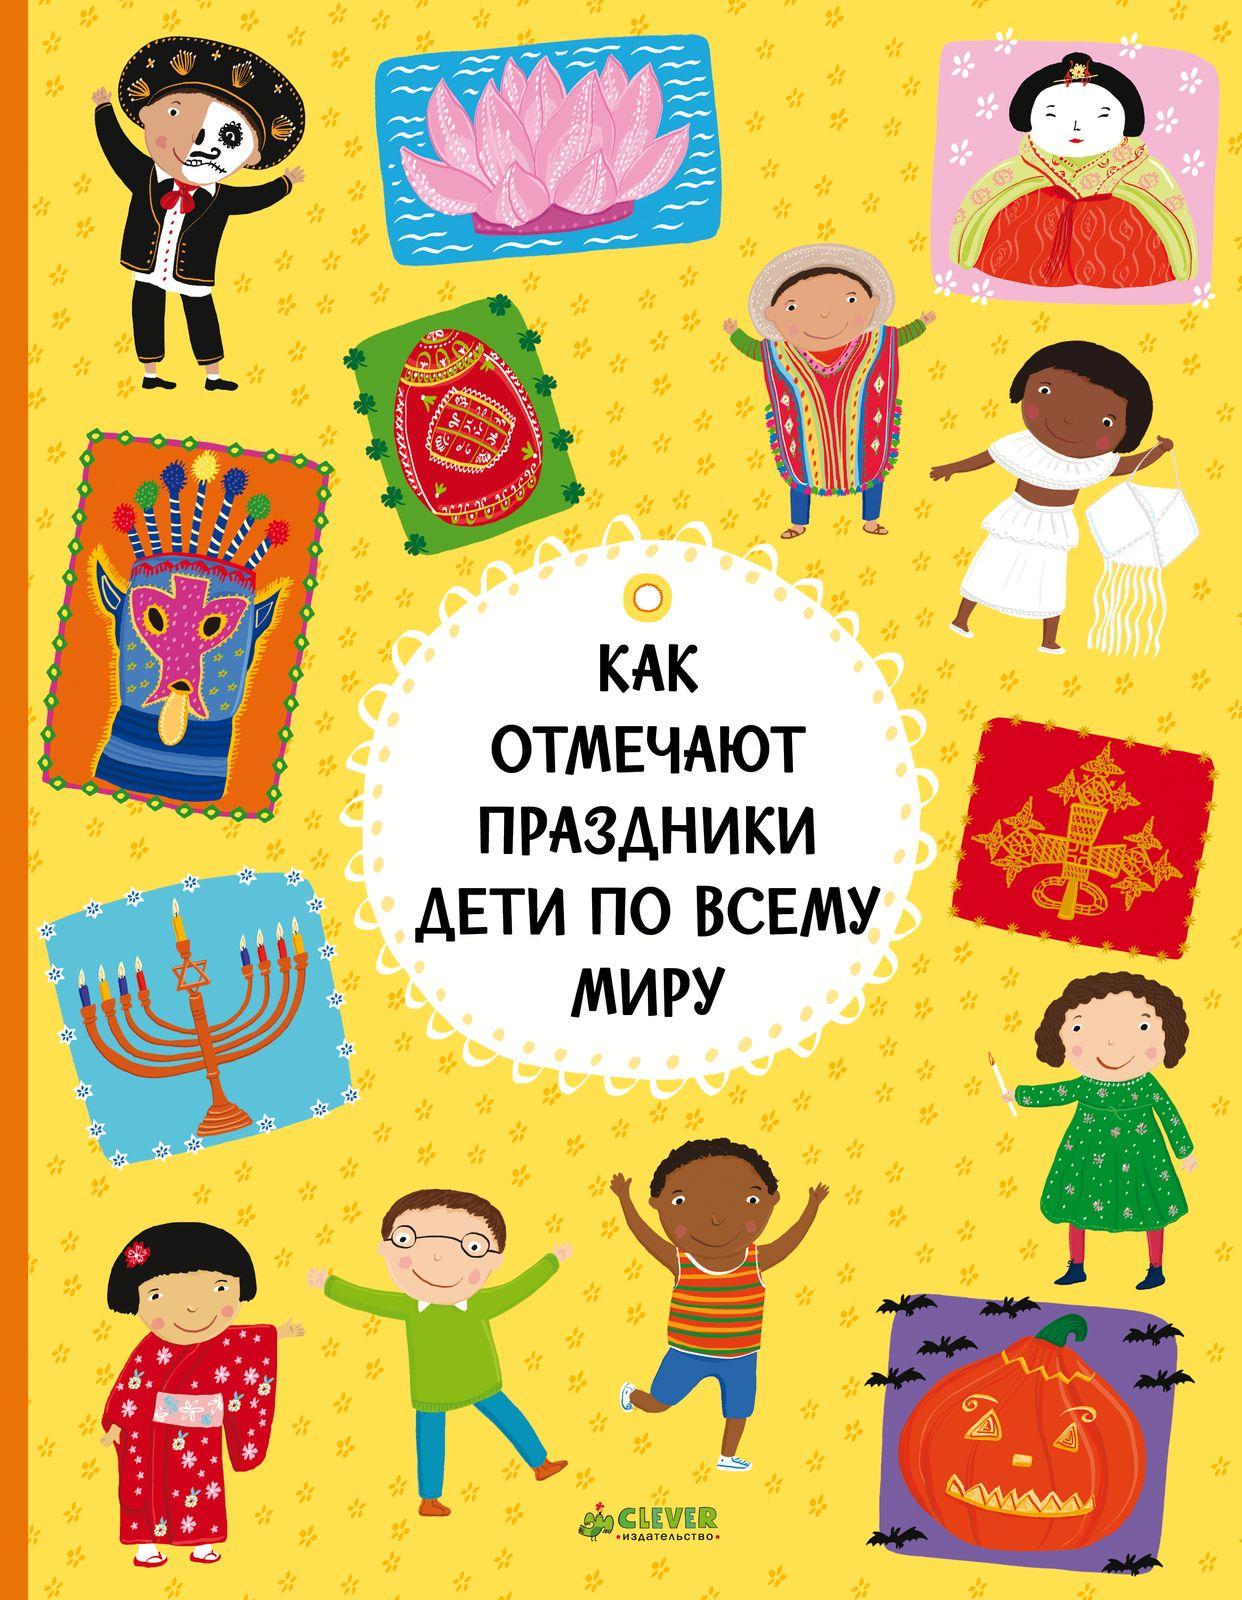 Как отмечают праздники дети по всему миру (нов.) фото